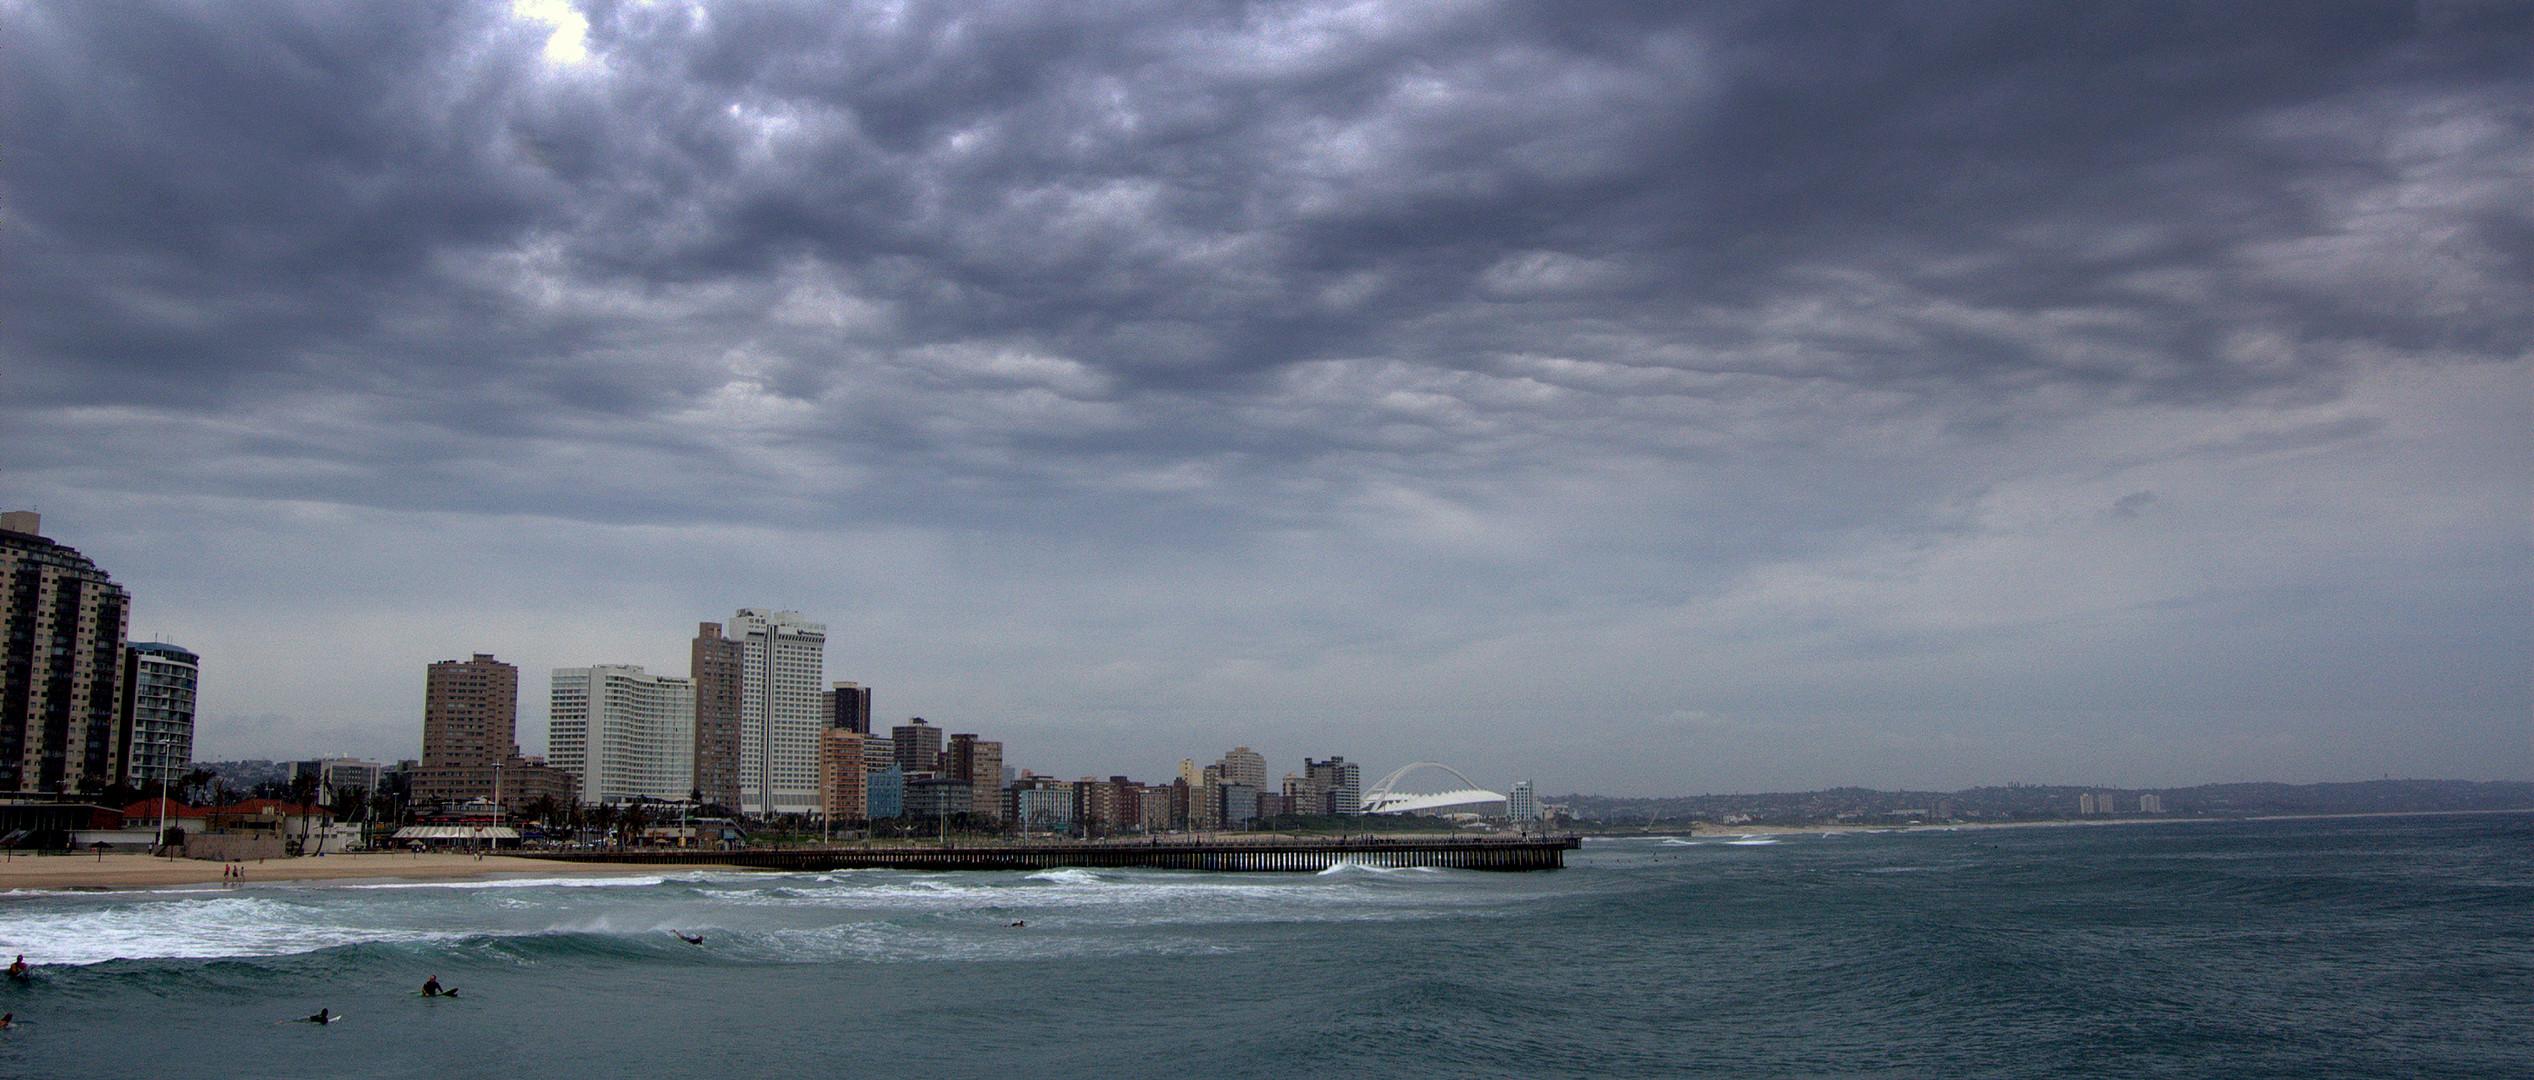 Die Stadt Durban in Südafrika